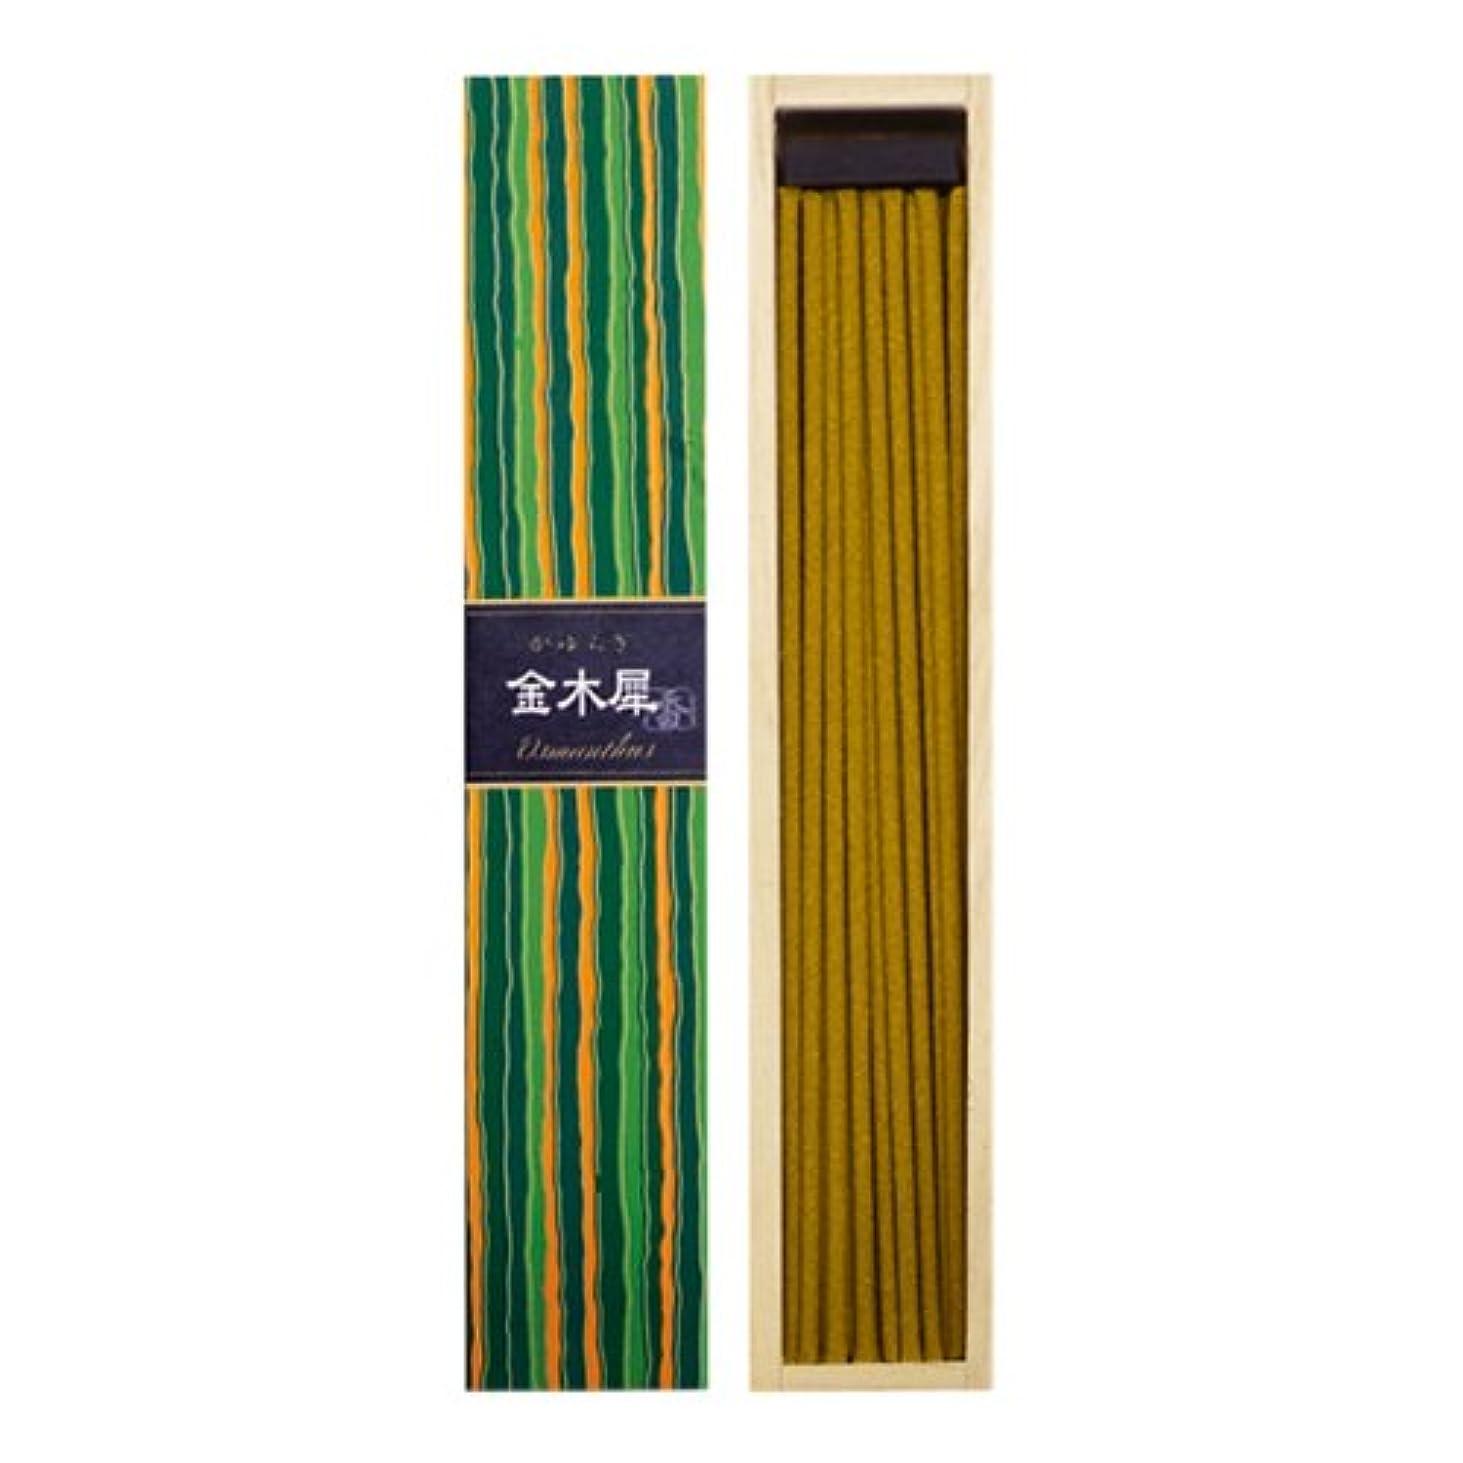 アンプ動揺させる荷物【セット品】かゆらぎ 金木犀(きんもくせい) ×3個